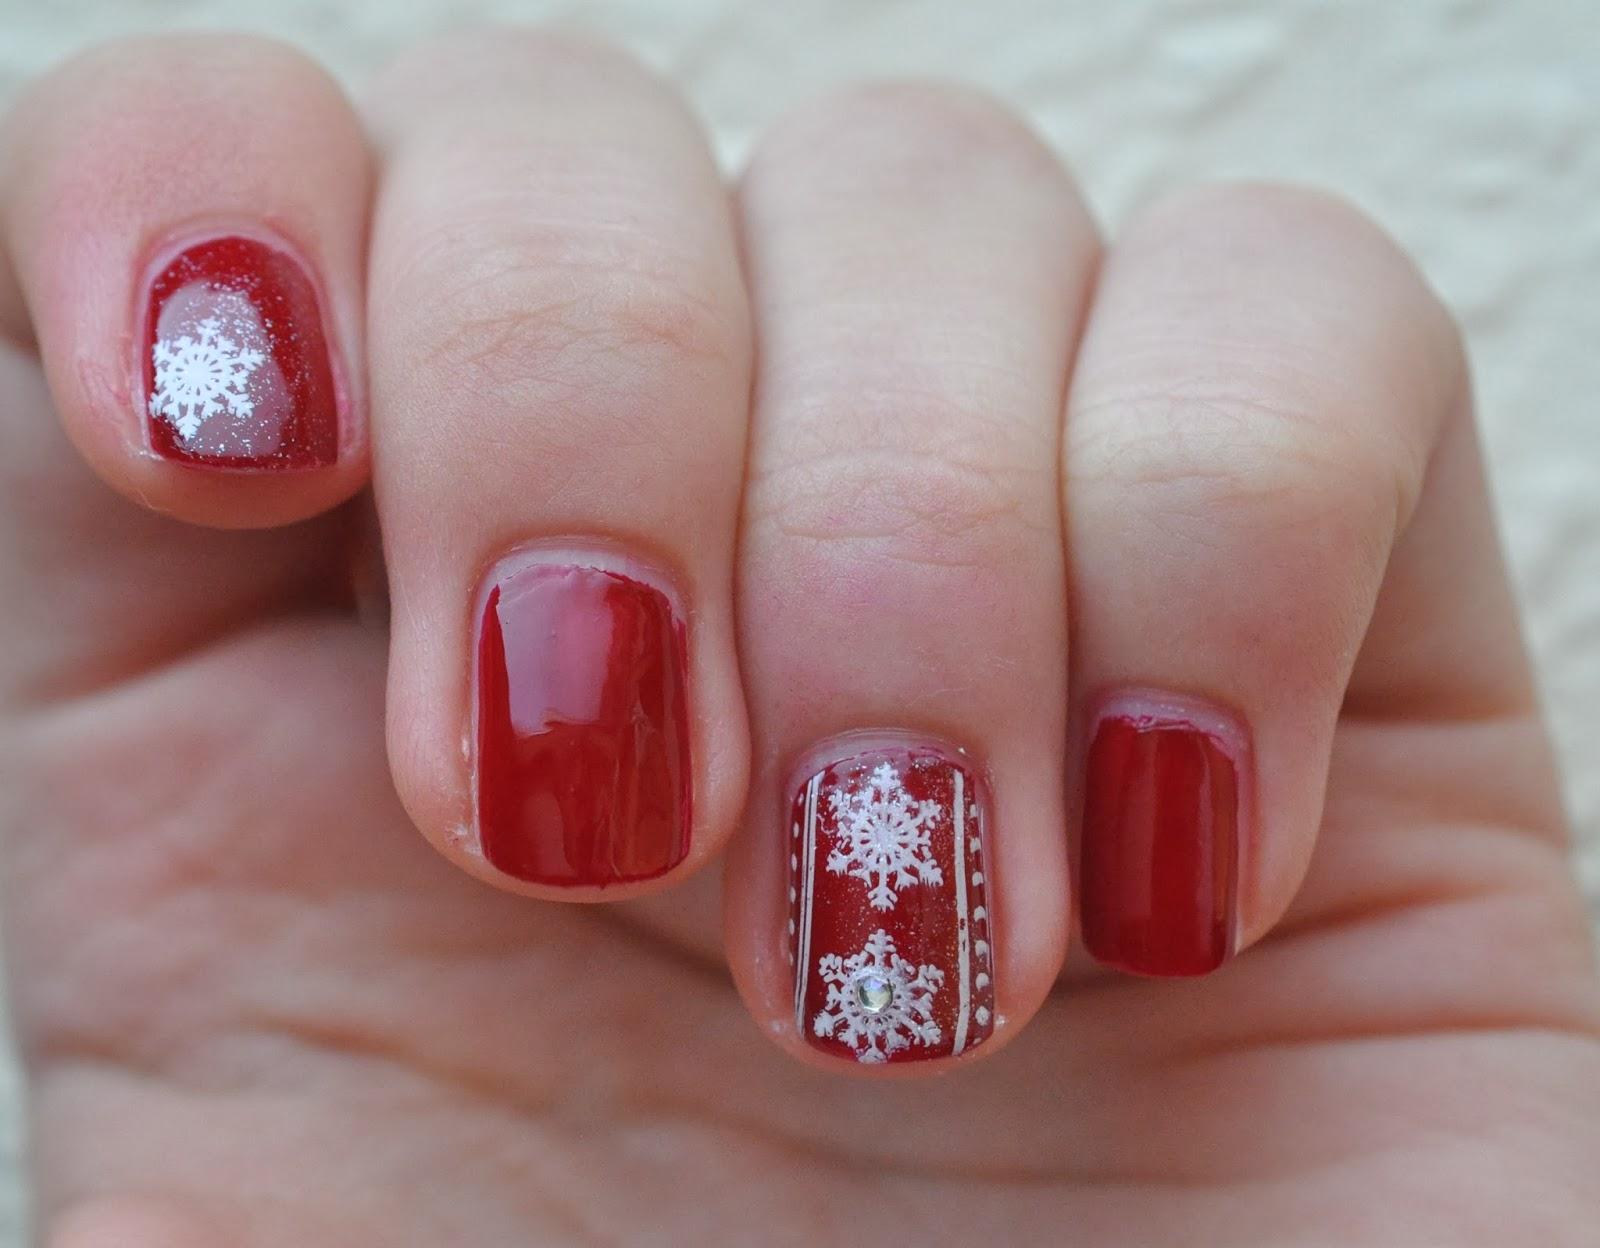 Sympathisch Weihnachts Nägel Rot Dekoration Von Wären Das Weihnachtsnägel Für Euch, Die Ihr